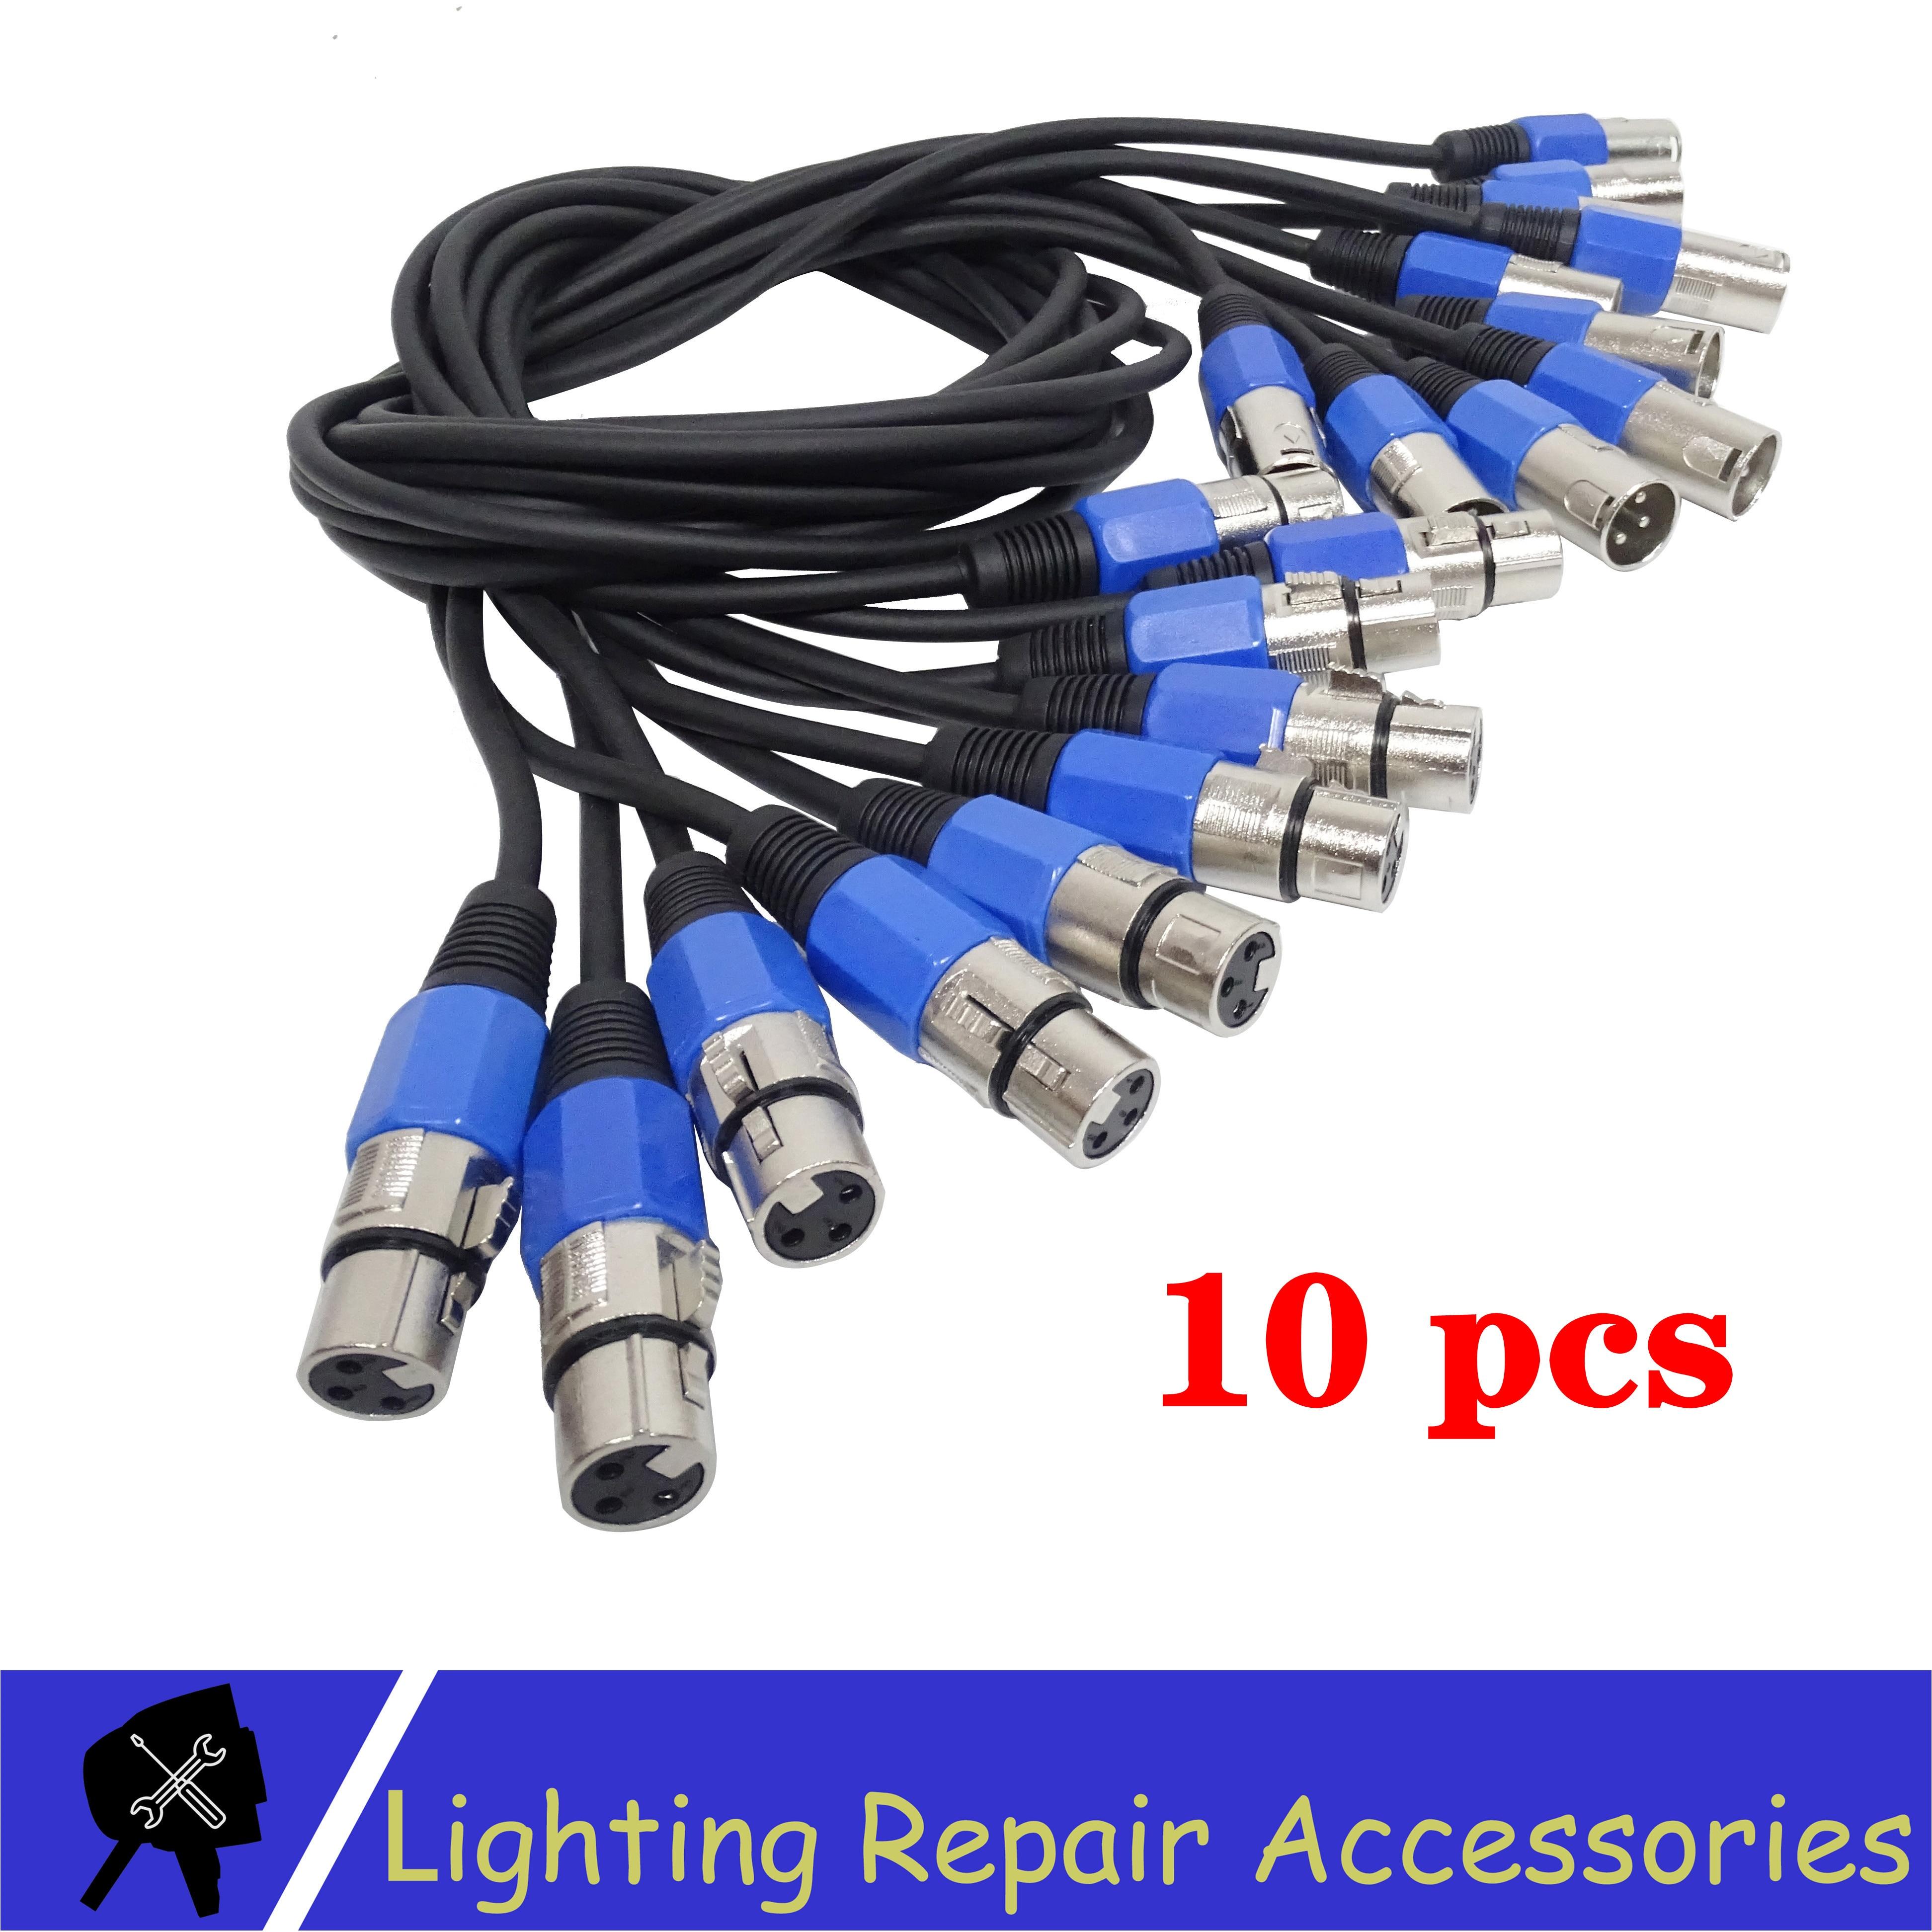 무료 세금 10 개/몫 3 핀 dmx 케이블 1 m/2 m/3 m/5 m/10 m led 파 빛 연결 케이블 dmx 신호 라인 무대 조명에 사용